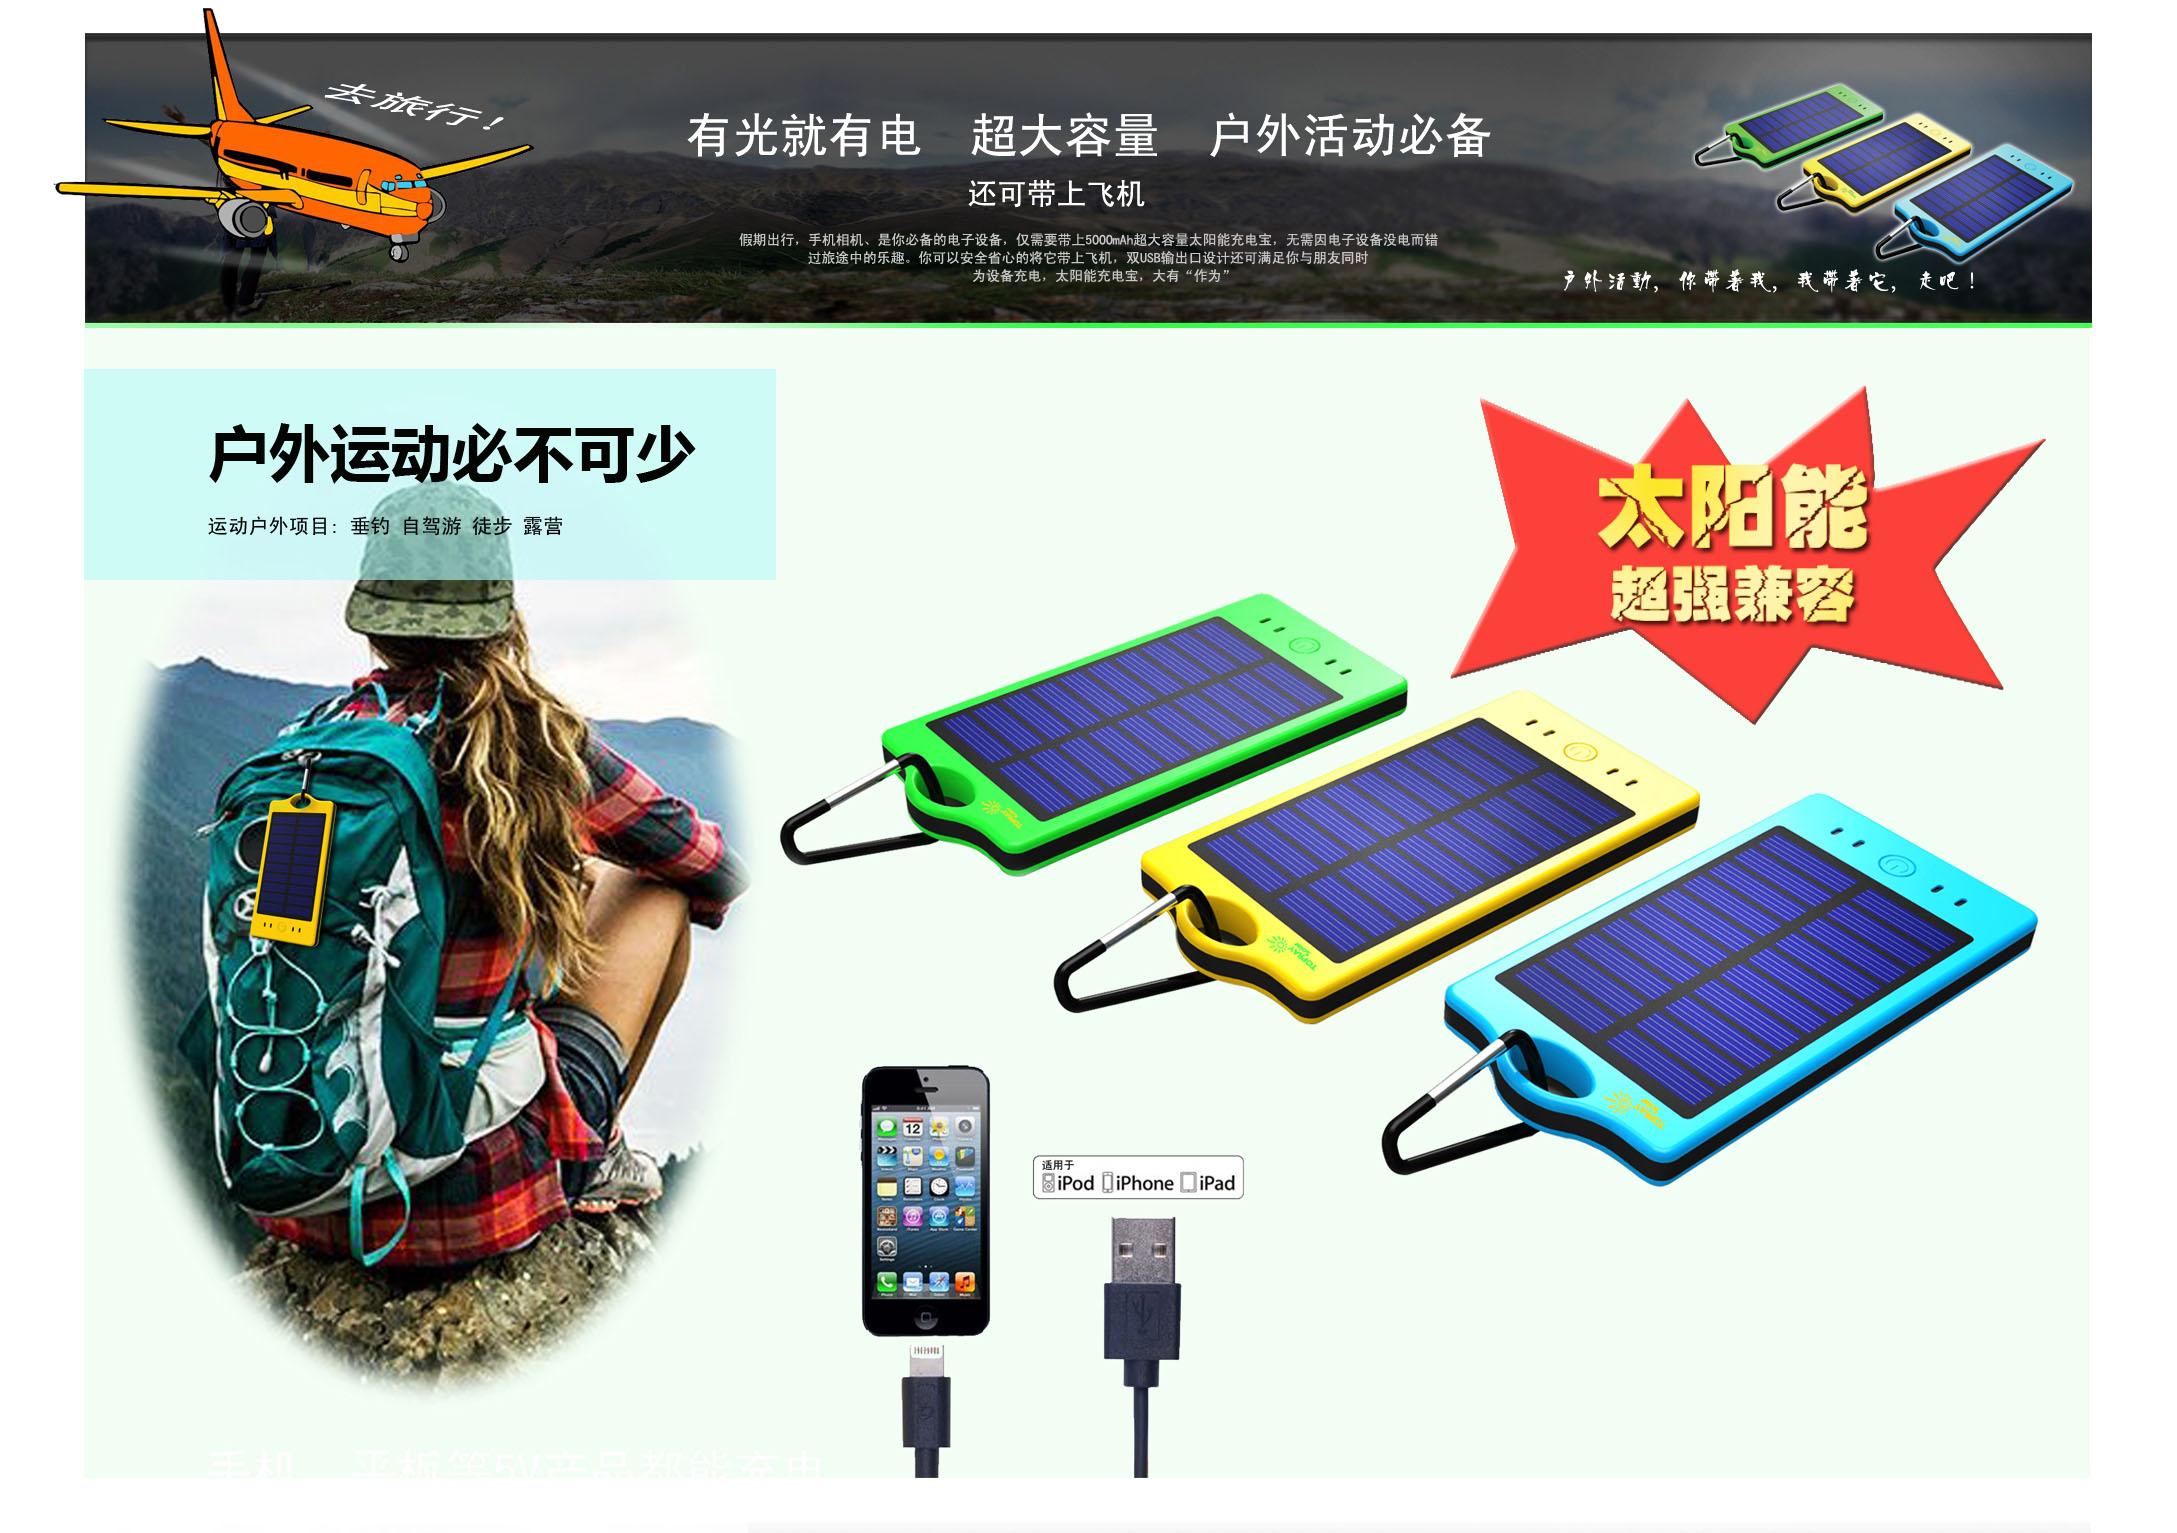 太陽能充電寶-a6ceca07-977b-425d-85d6-3f8107357d8f